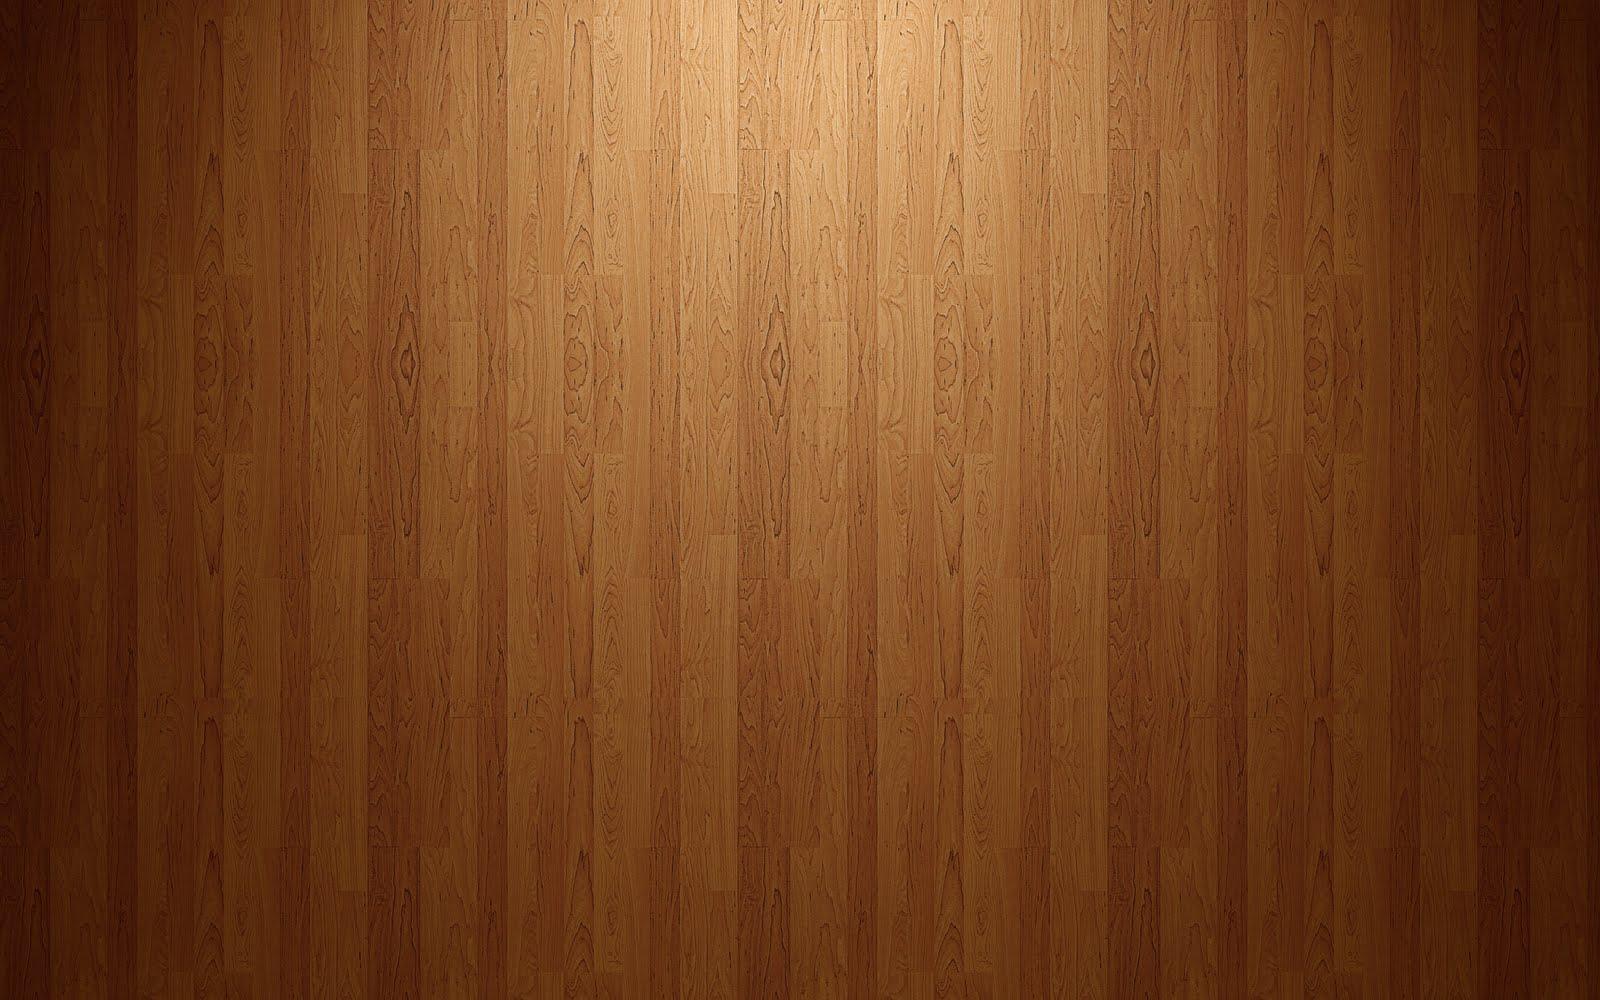 de madeira imagens imagem de fundo wallpaper para pc computador tela  #481D08 1600x1000